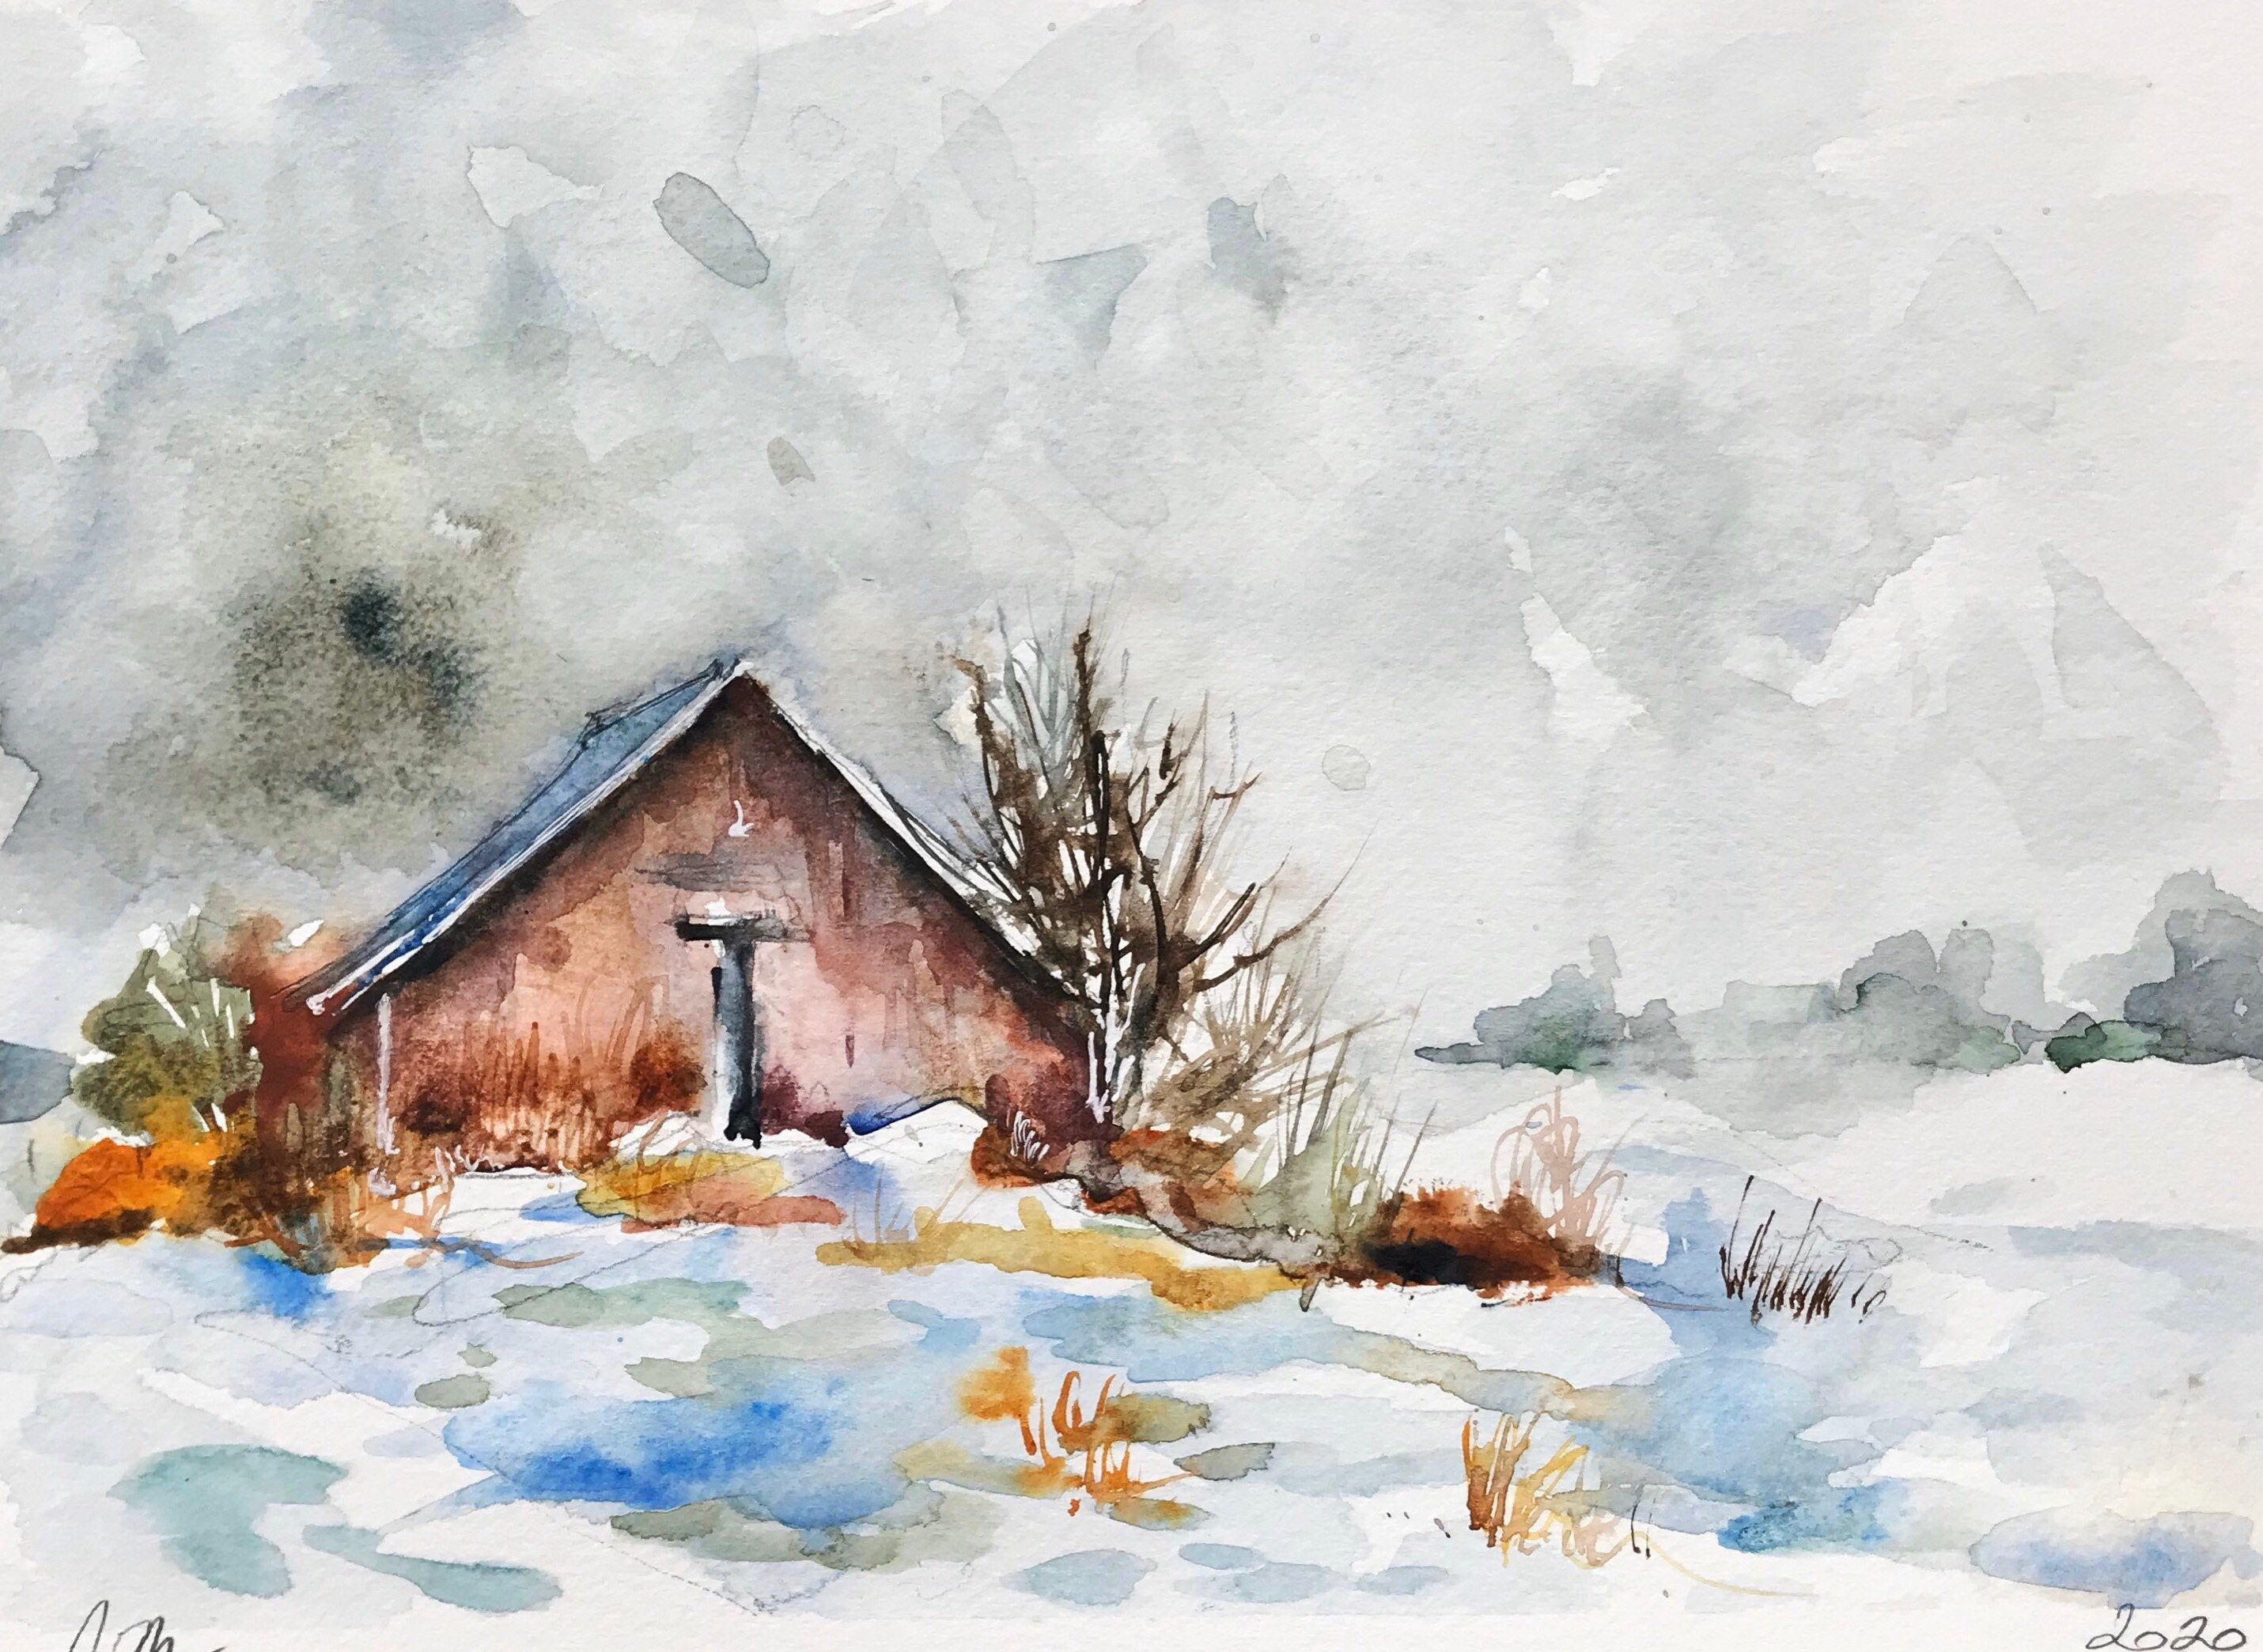 Aquarelle Peinture Originale Vieille Grange Sous La Neige En